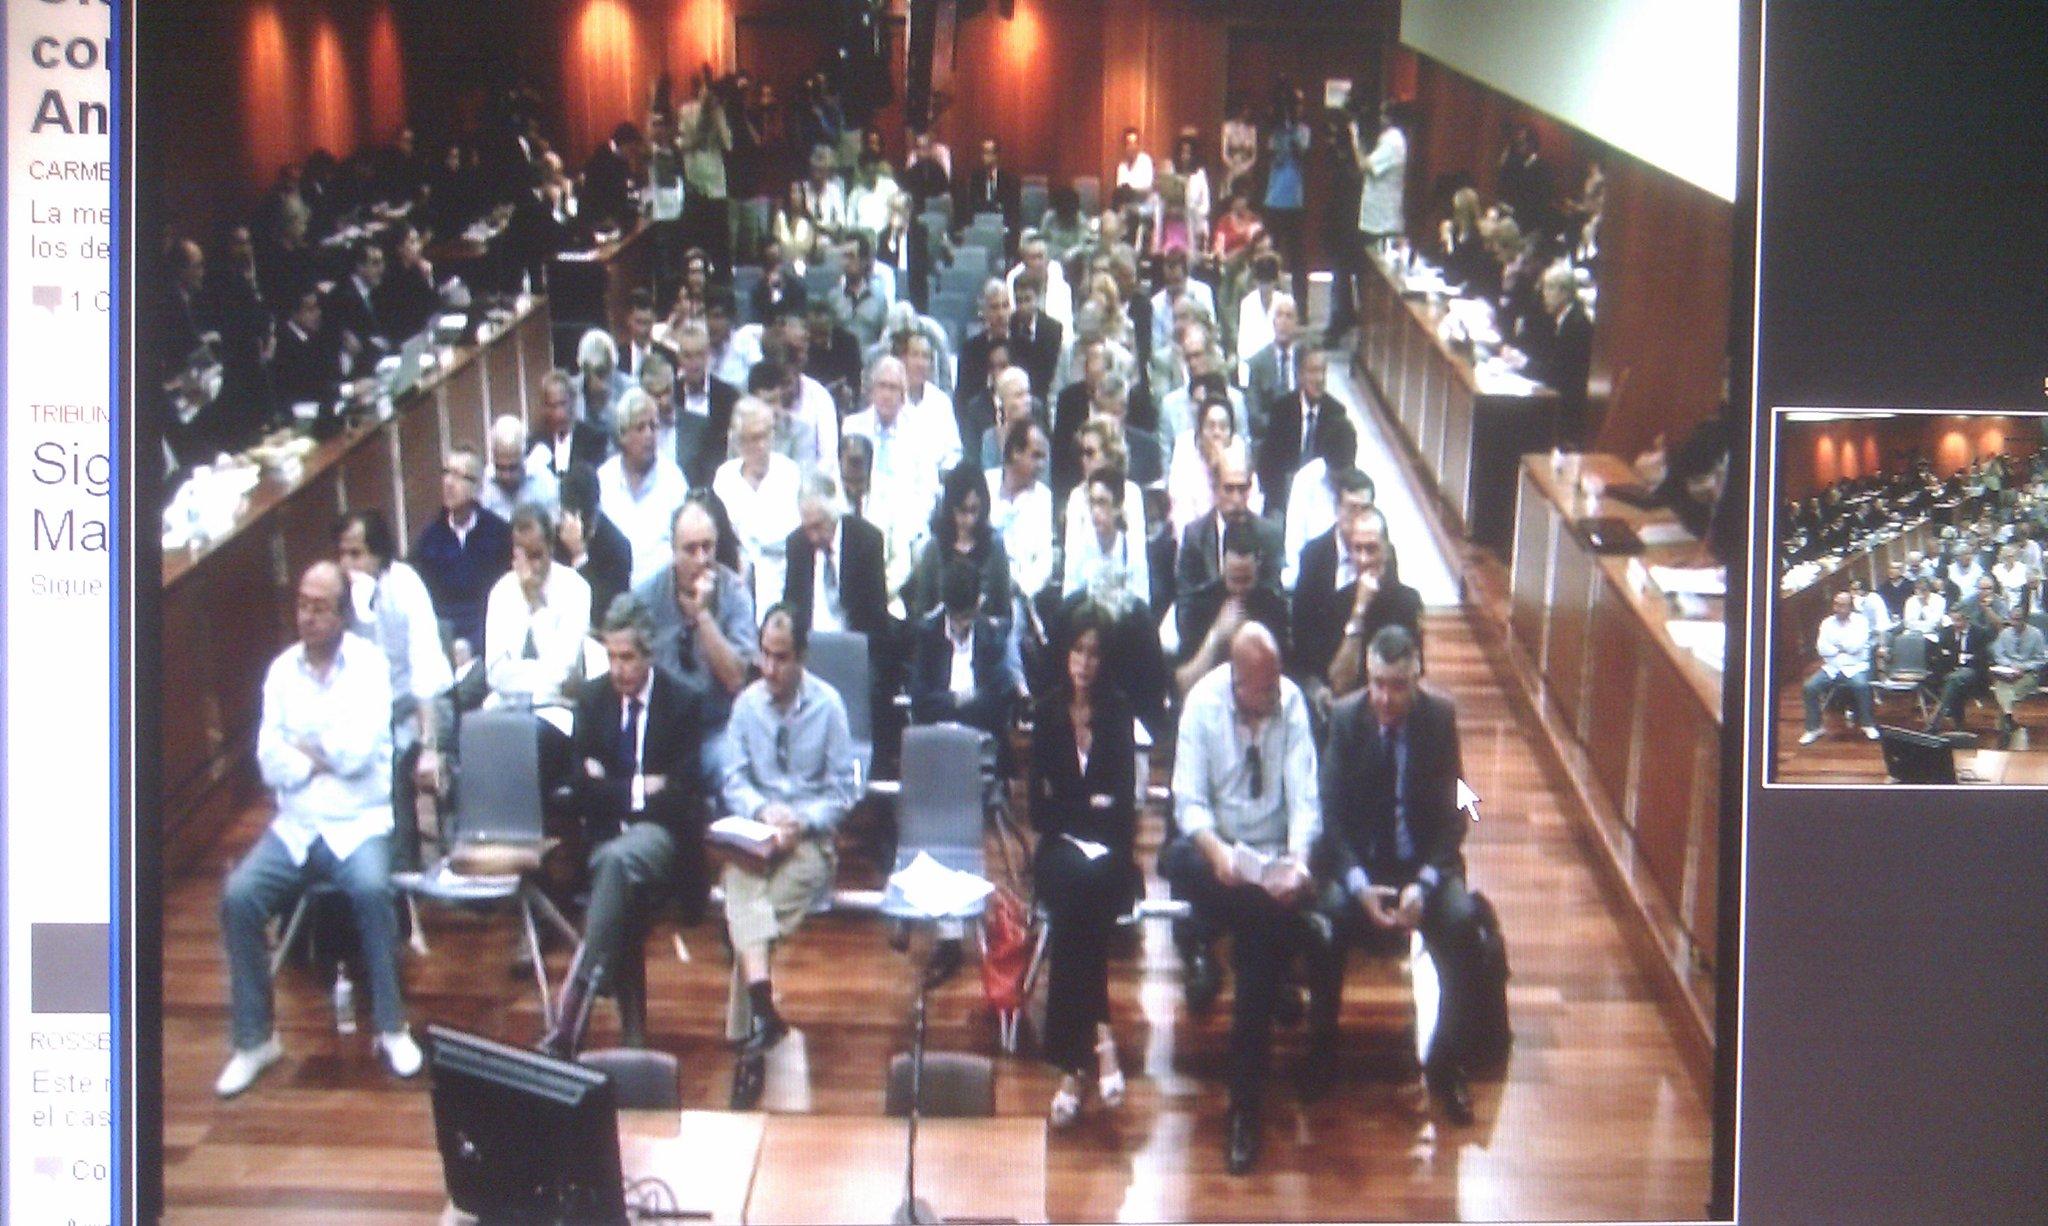 Hoy están citados los 95 procesados en el #juiciomalaya. Empieza la sesión. En directo en www.sur. http://t.co/tvdkOg9V